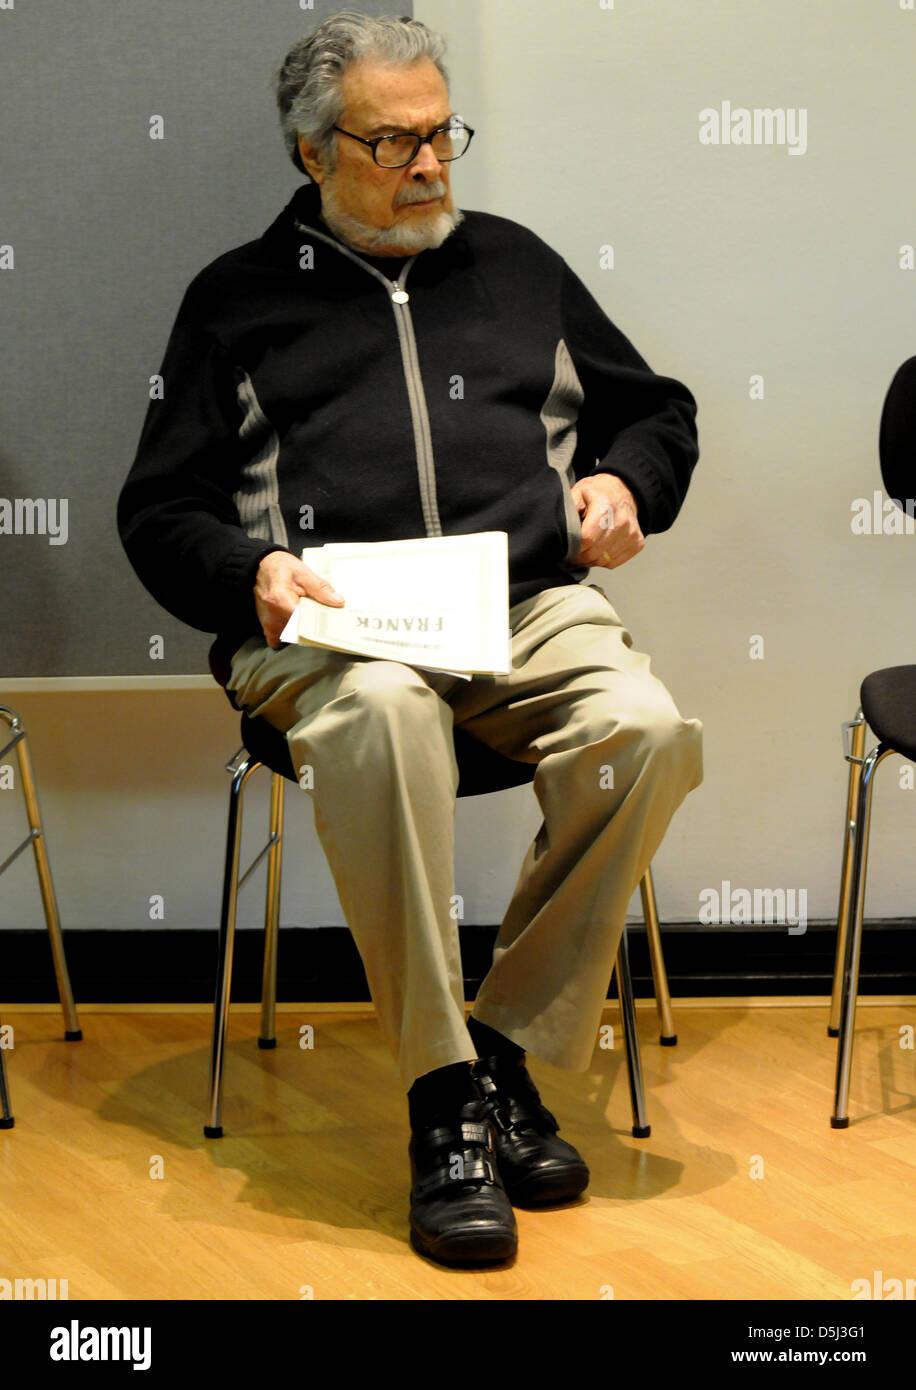 Der Amerikanische Pianist Leon Fleisher Posiert bin 13.11.2012 in Düsseldorf (Nordrhein-Westfalen) wo er Einen Stockbild